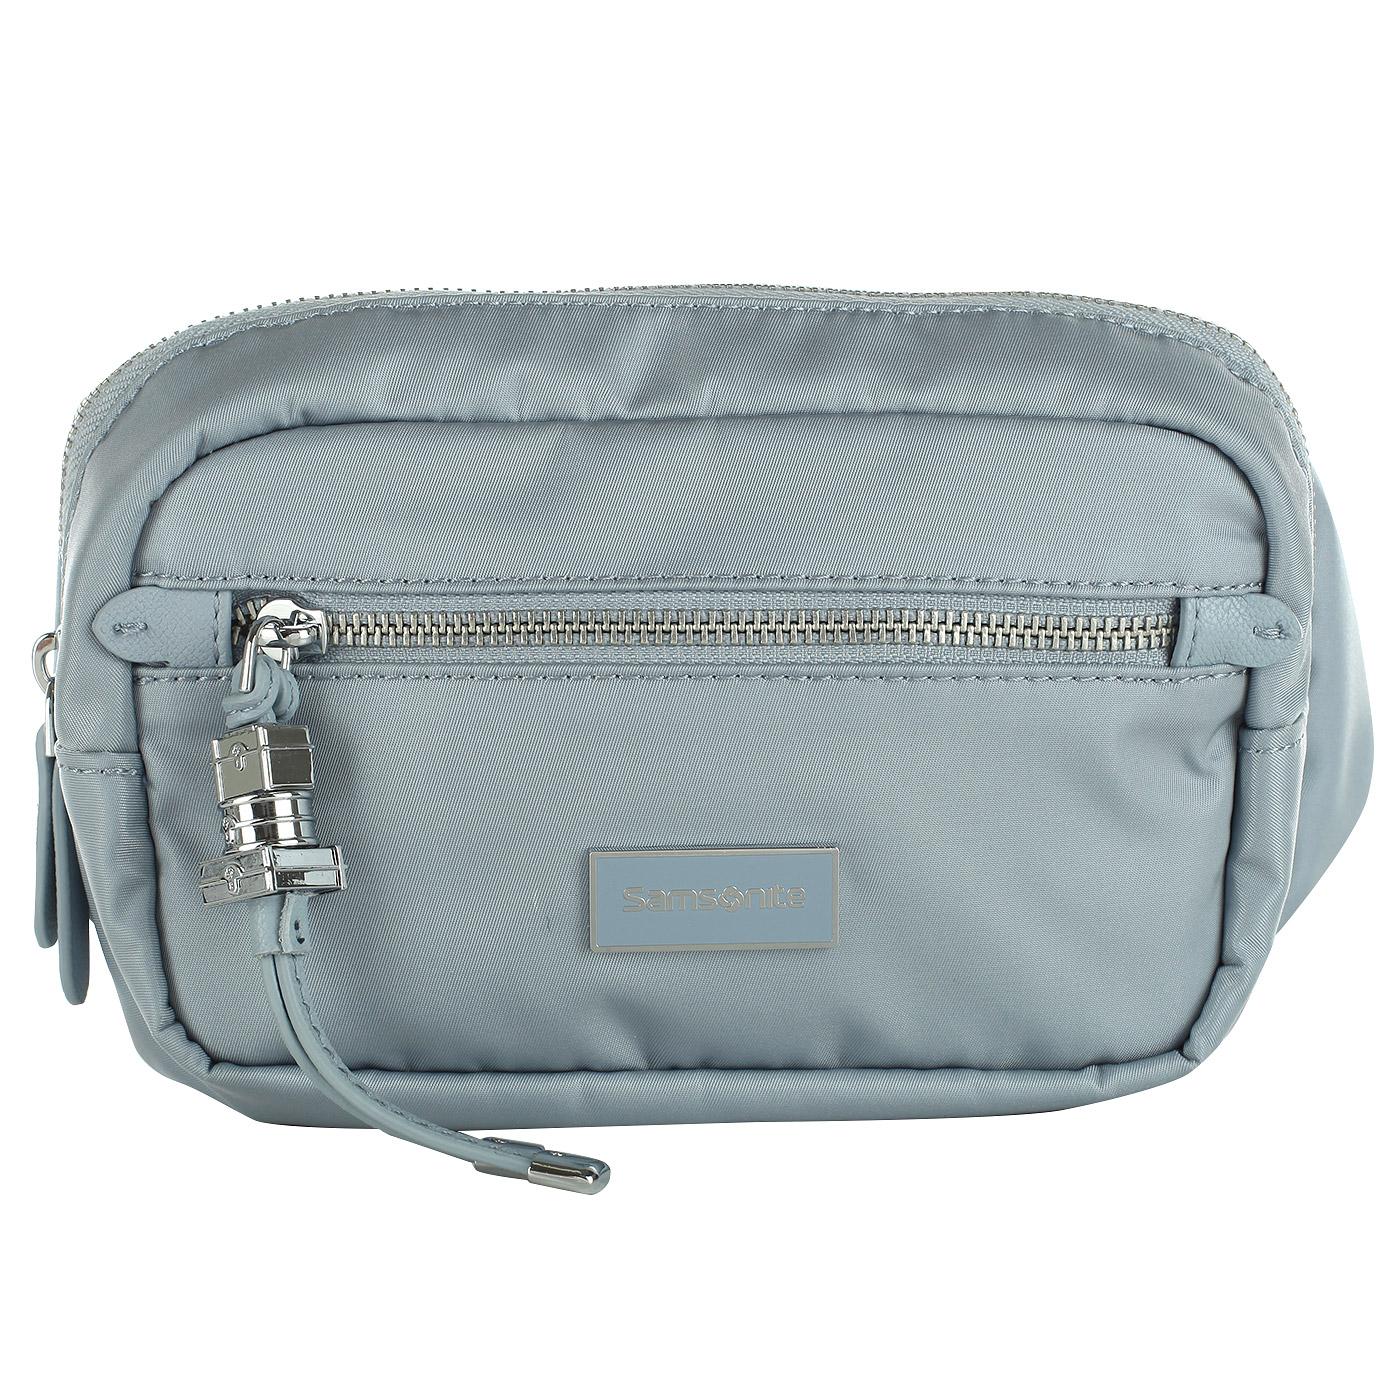 b4f7a0fc2fb3 Женская сумочка на пояс Samsonite Karissa Женская сумочка на пояс Samsonite  Karissa ...